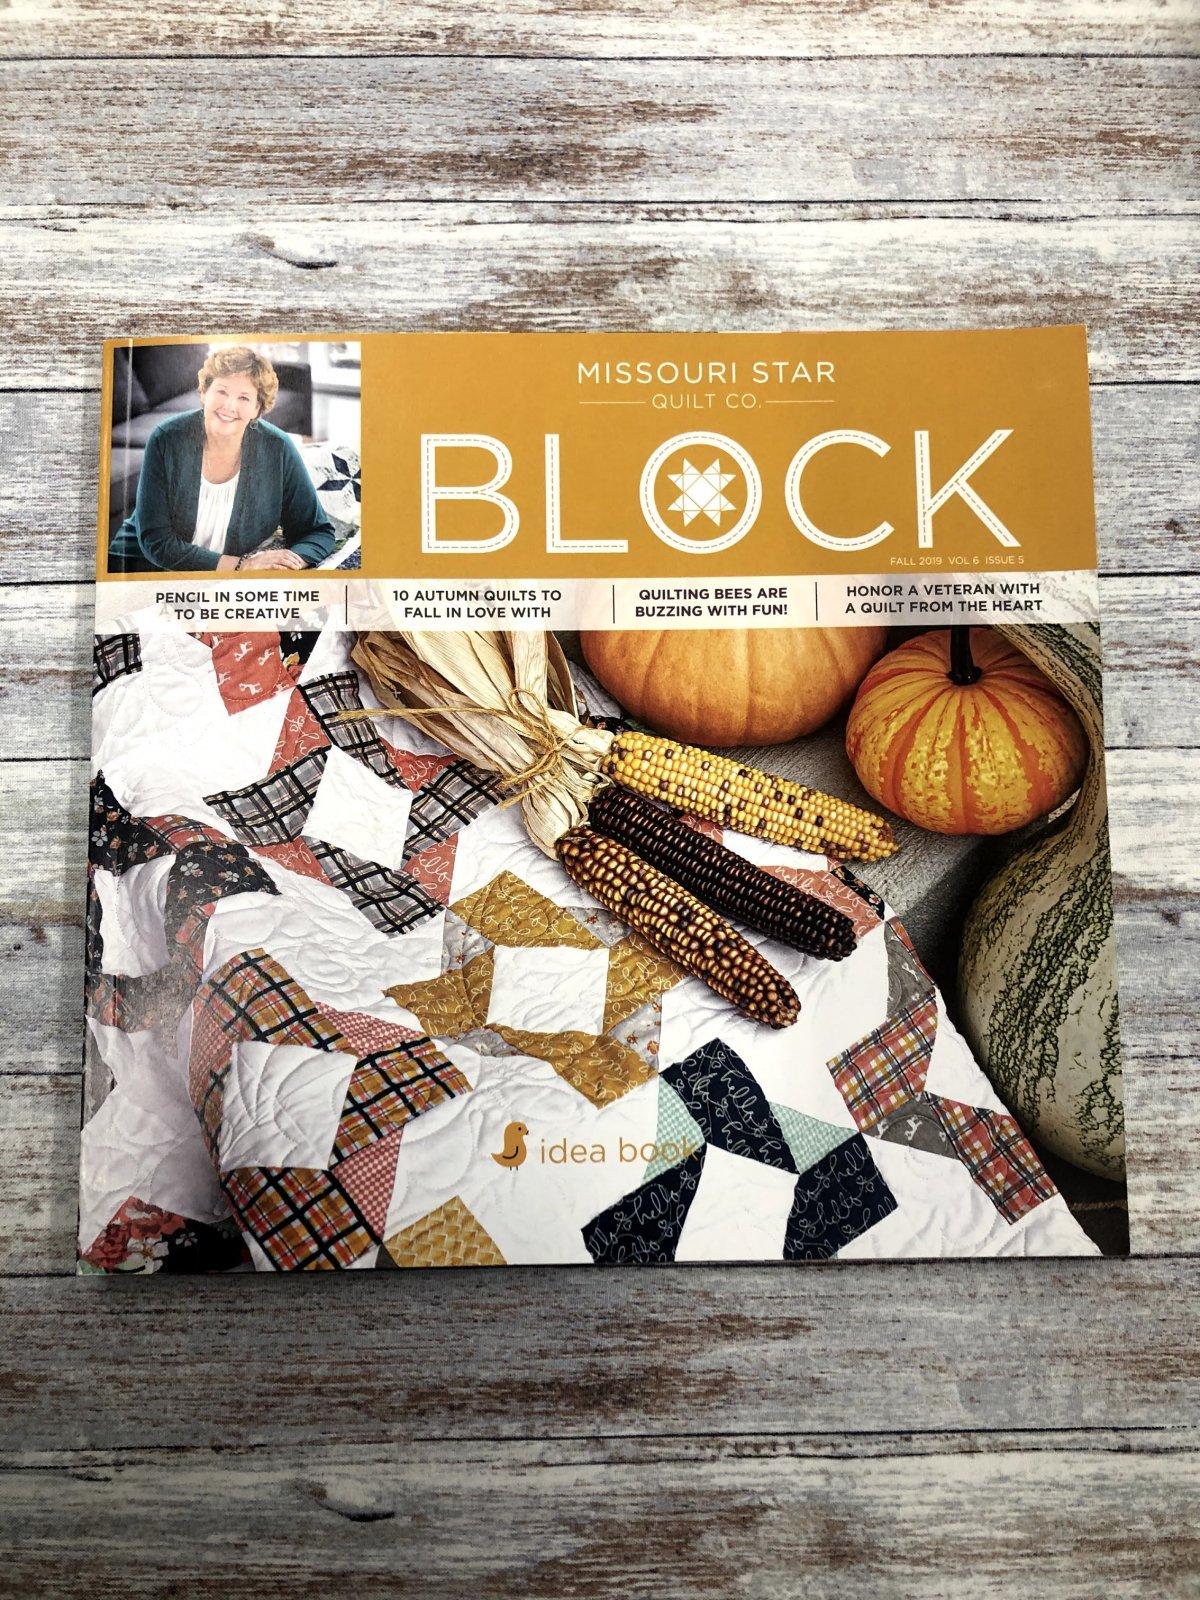 Missouri Star Block Fall 2019 Vol 6 Issue 5